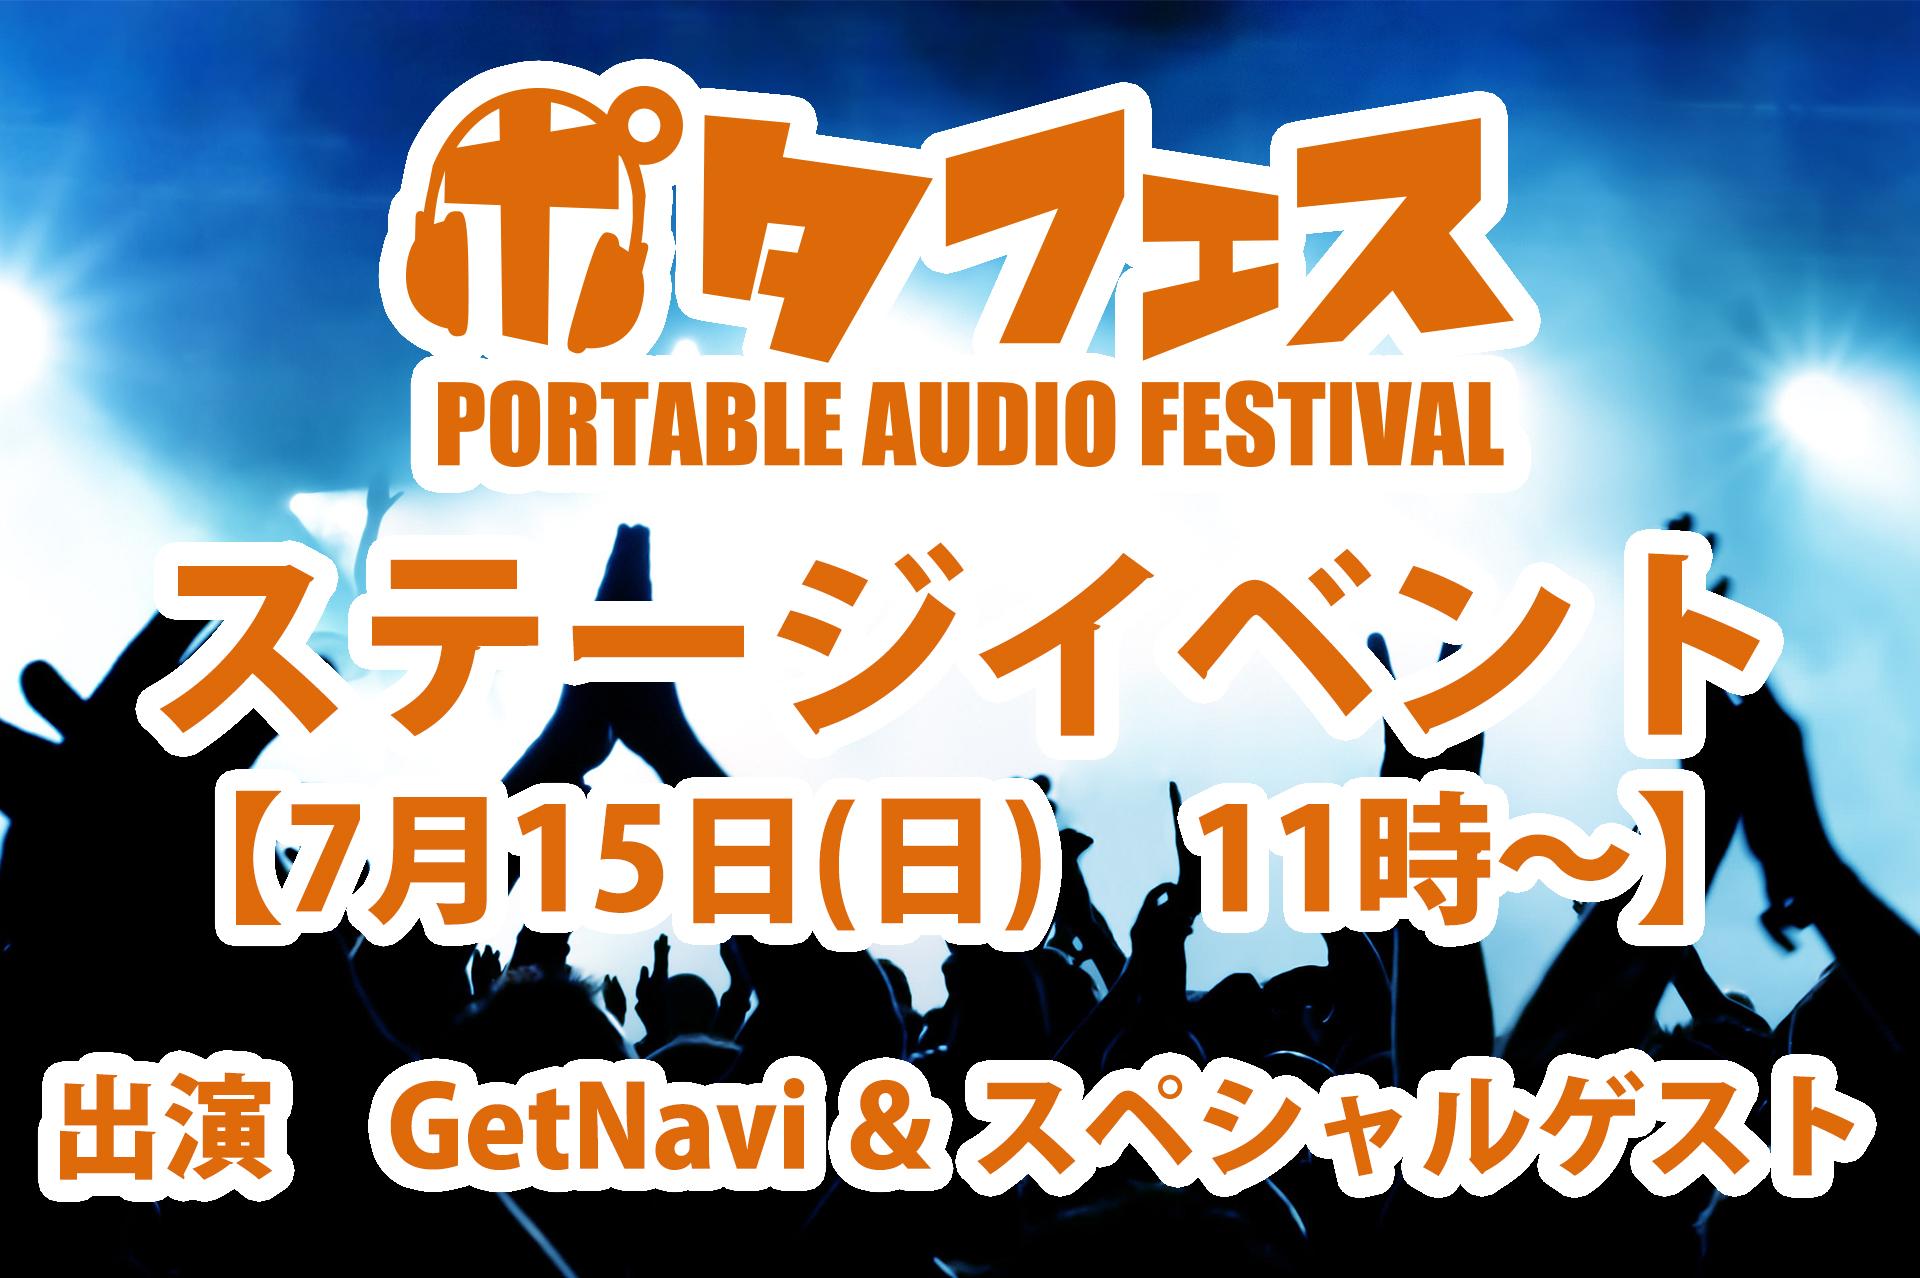 【ステージ情報】GetNavi presents プレイバック2018 Spring&Summer & 小岩井ことりスペシャルライブ開催!